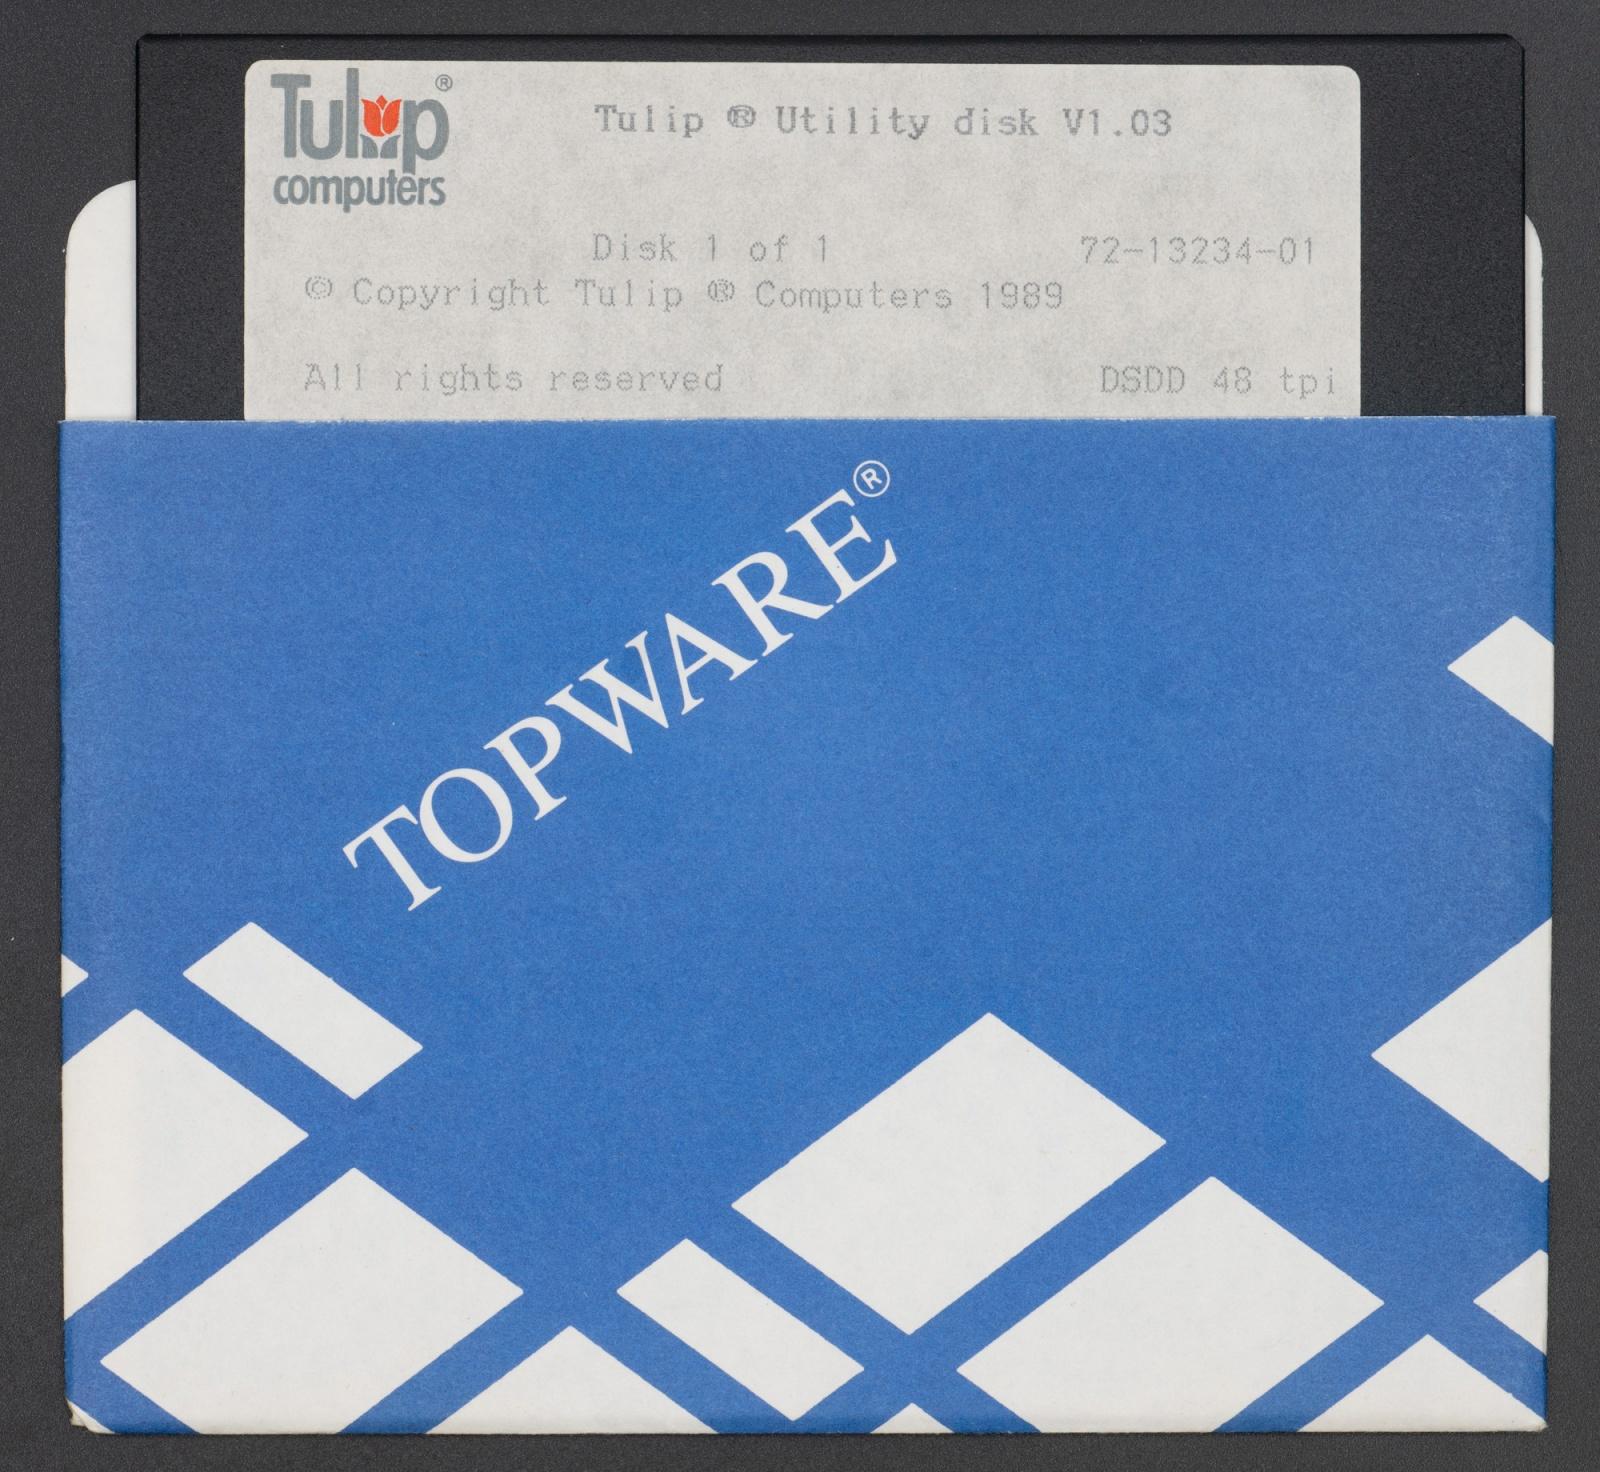 DISTR 3: софт с пятидюймовых дискет - 13